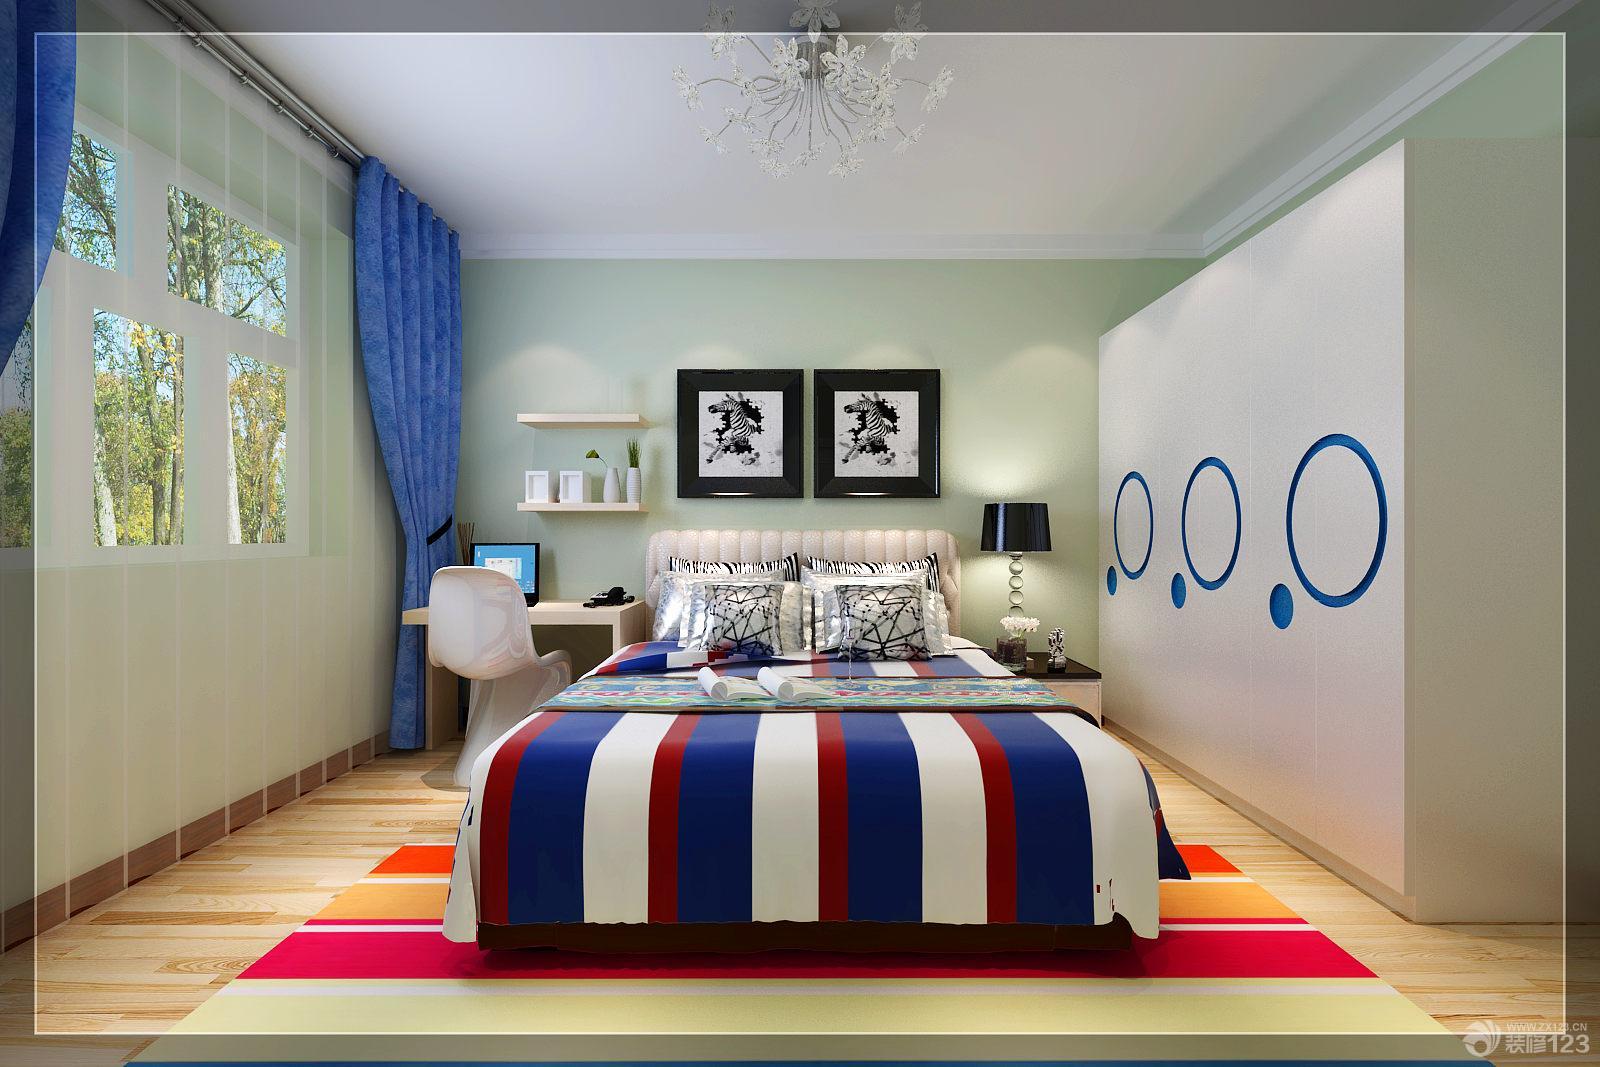 现代简约家具图片卧室颜色搭配装修效果图